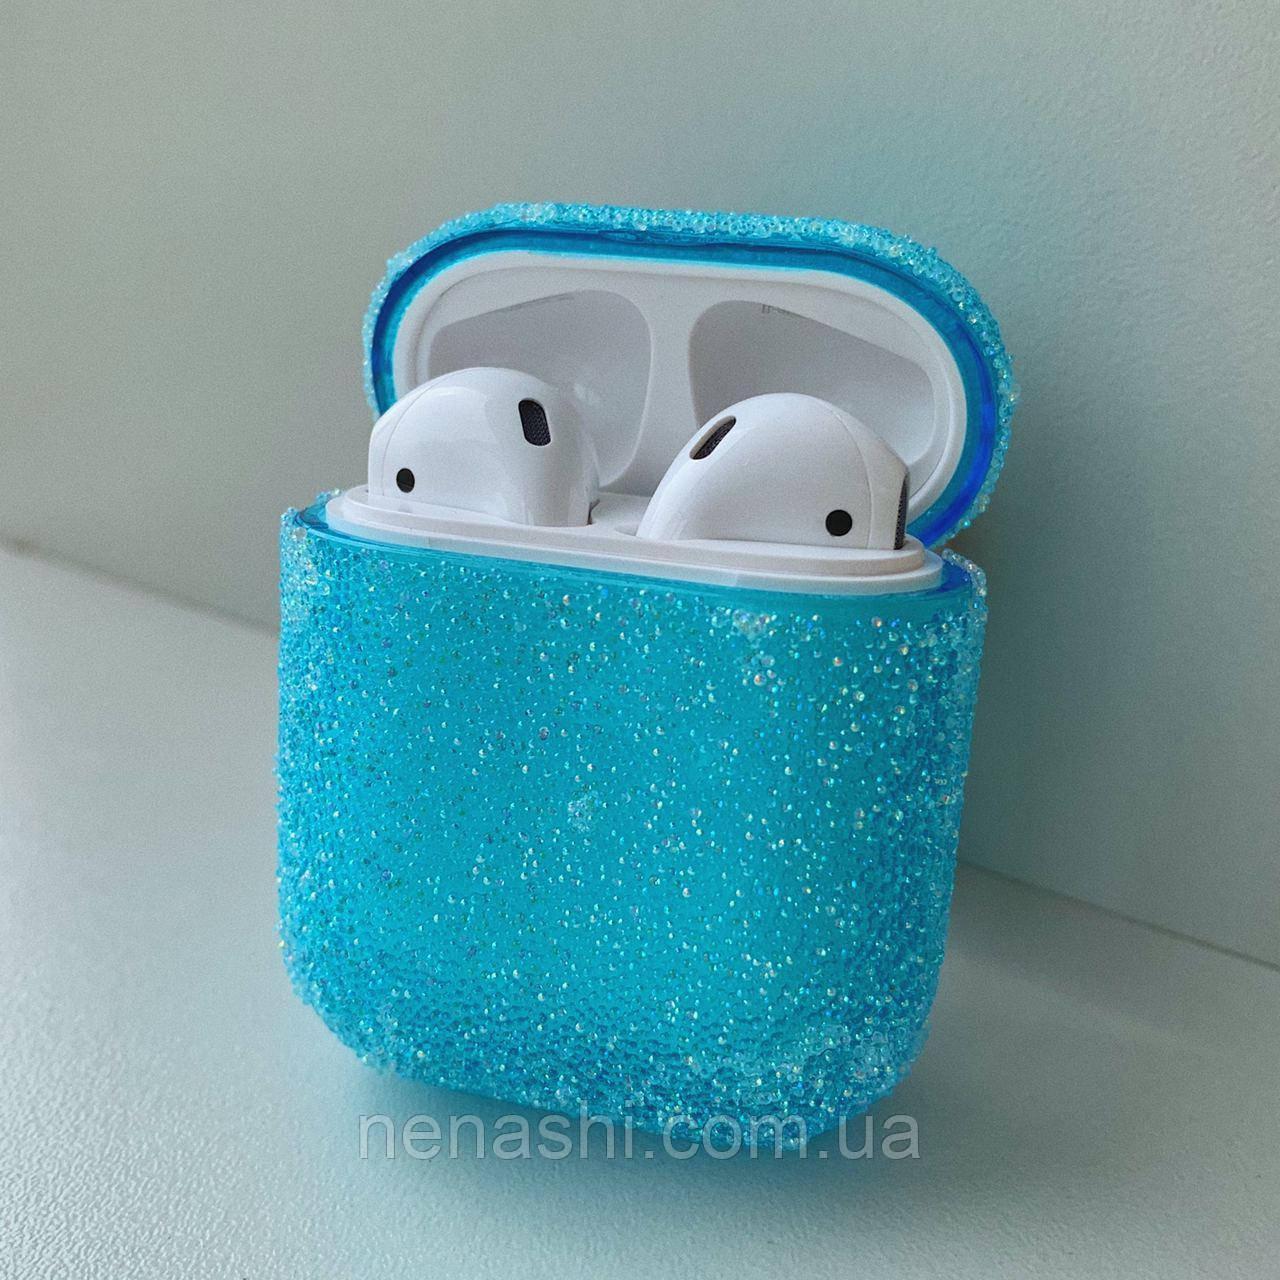 Чохол з блискітками для бездротових навушників Apple AirPods з карабіном Блакитний